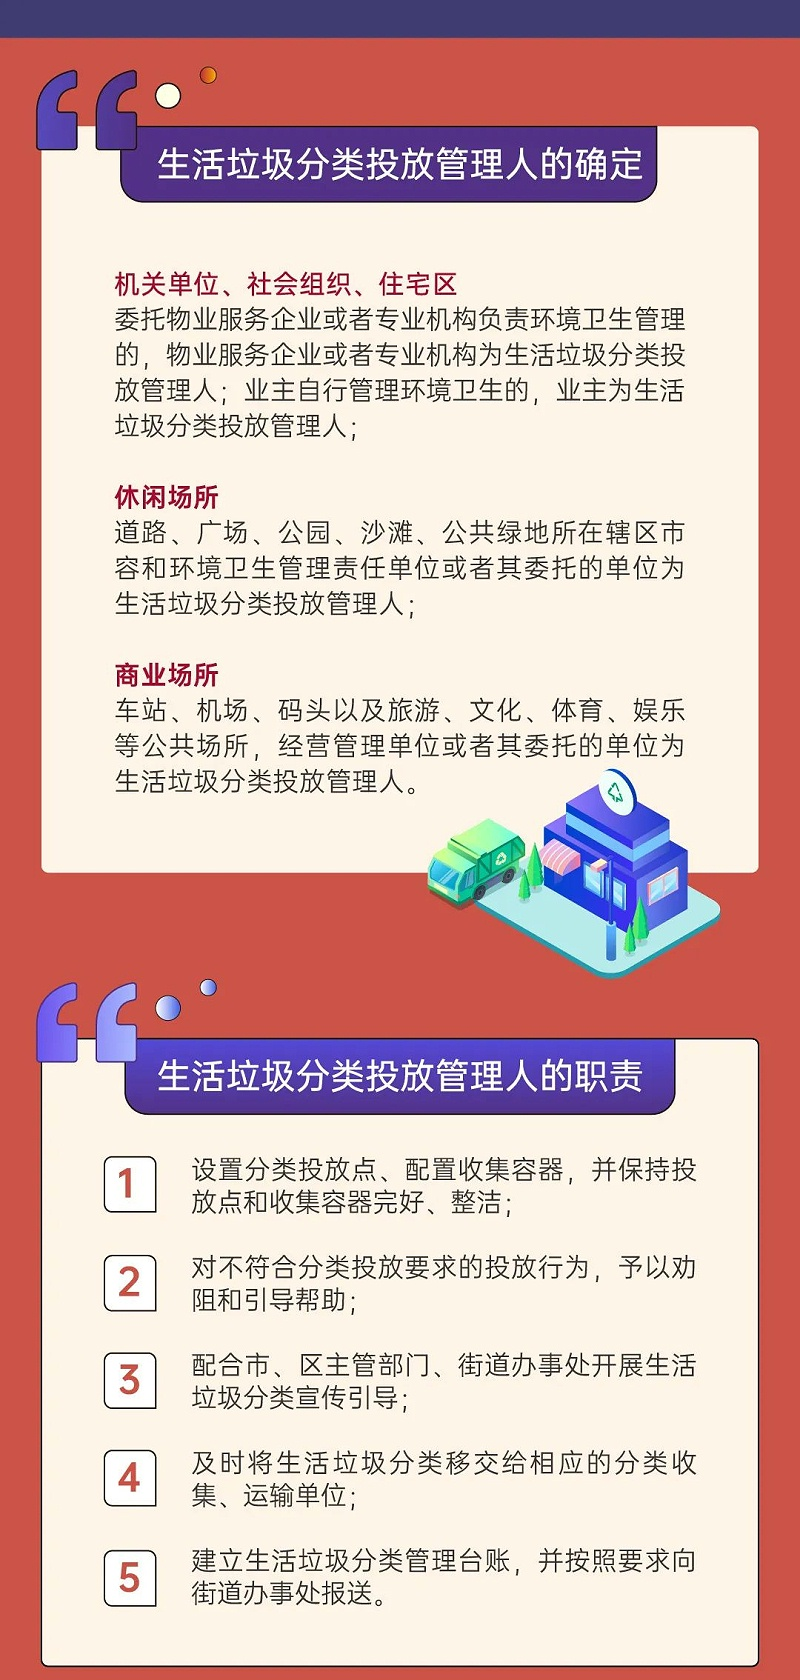 4深圳市生活垃圾分类管理条例正式实施-玉龙环保